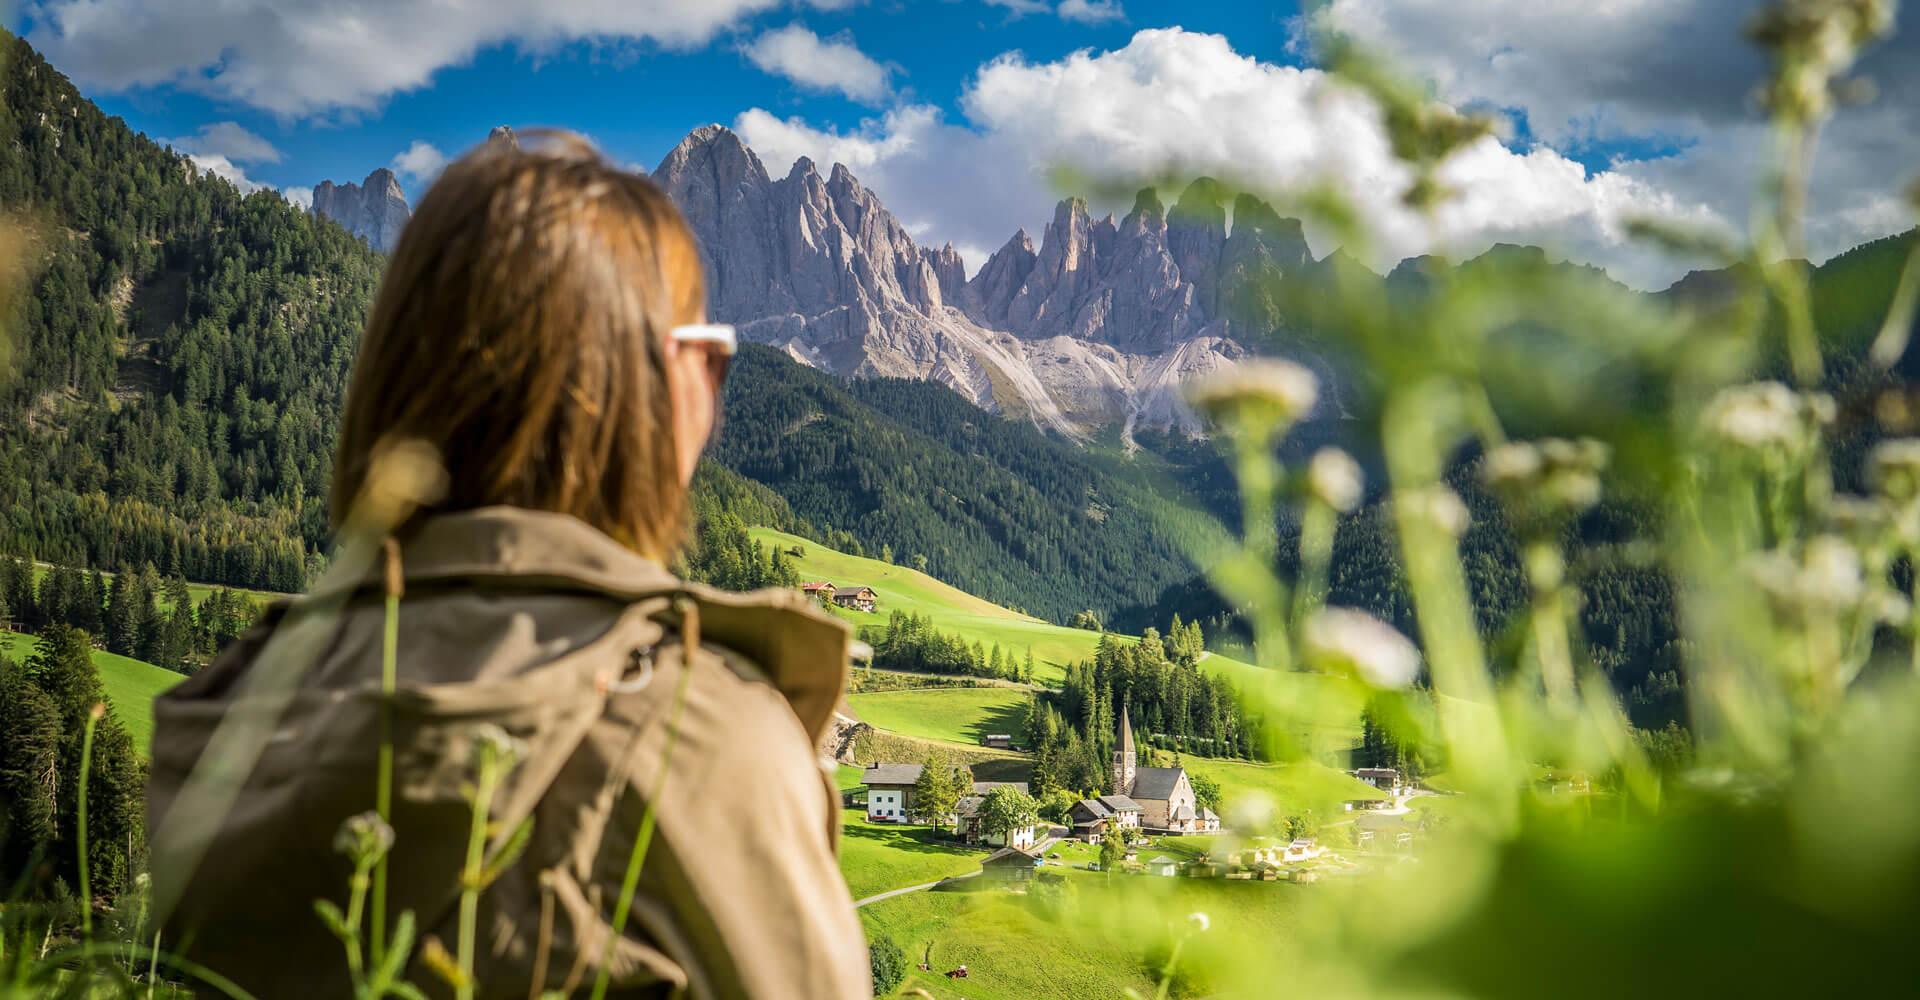 Urlaub auf dem Bauernhof in Villnöss / Südtirol